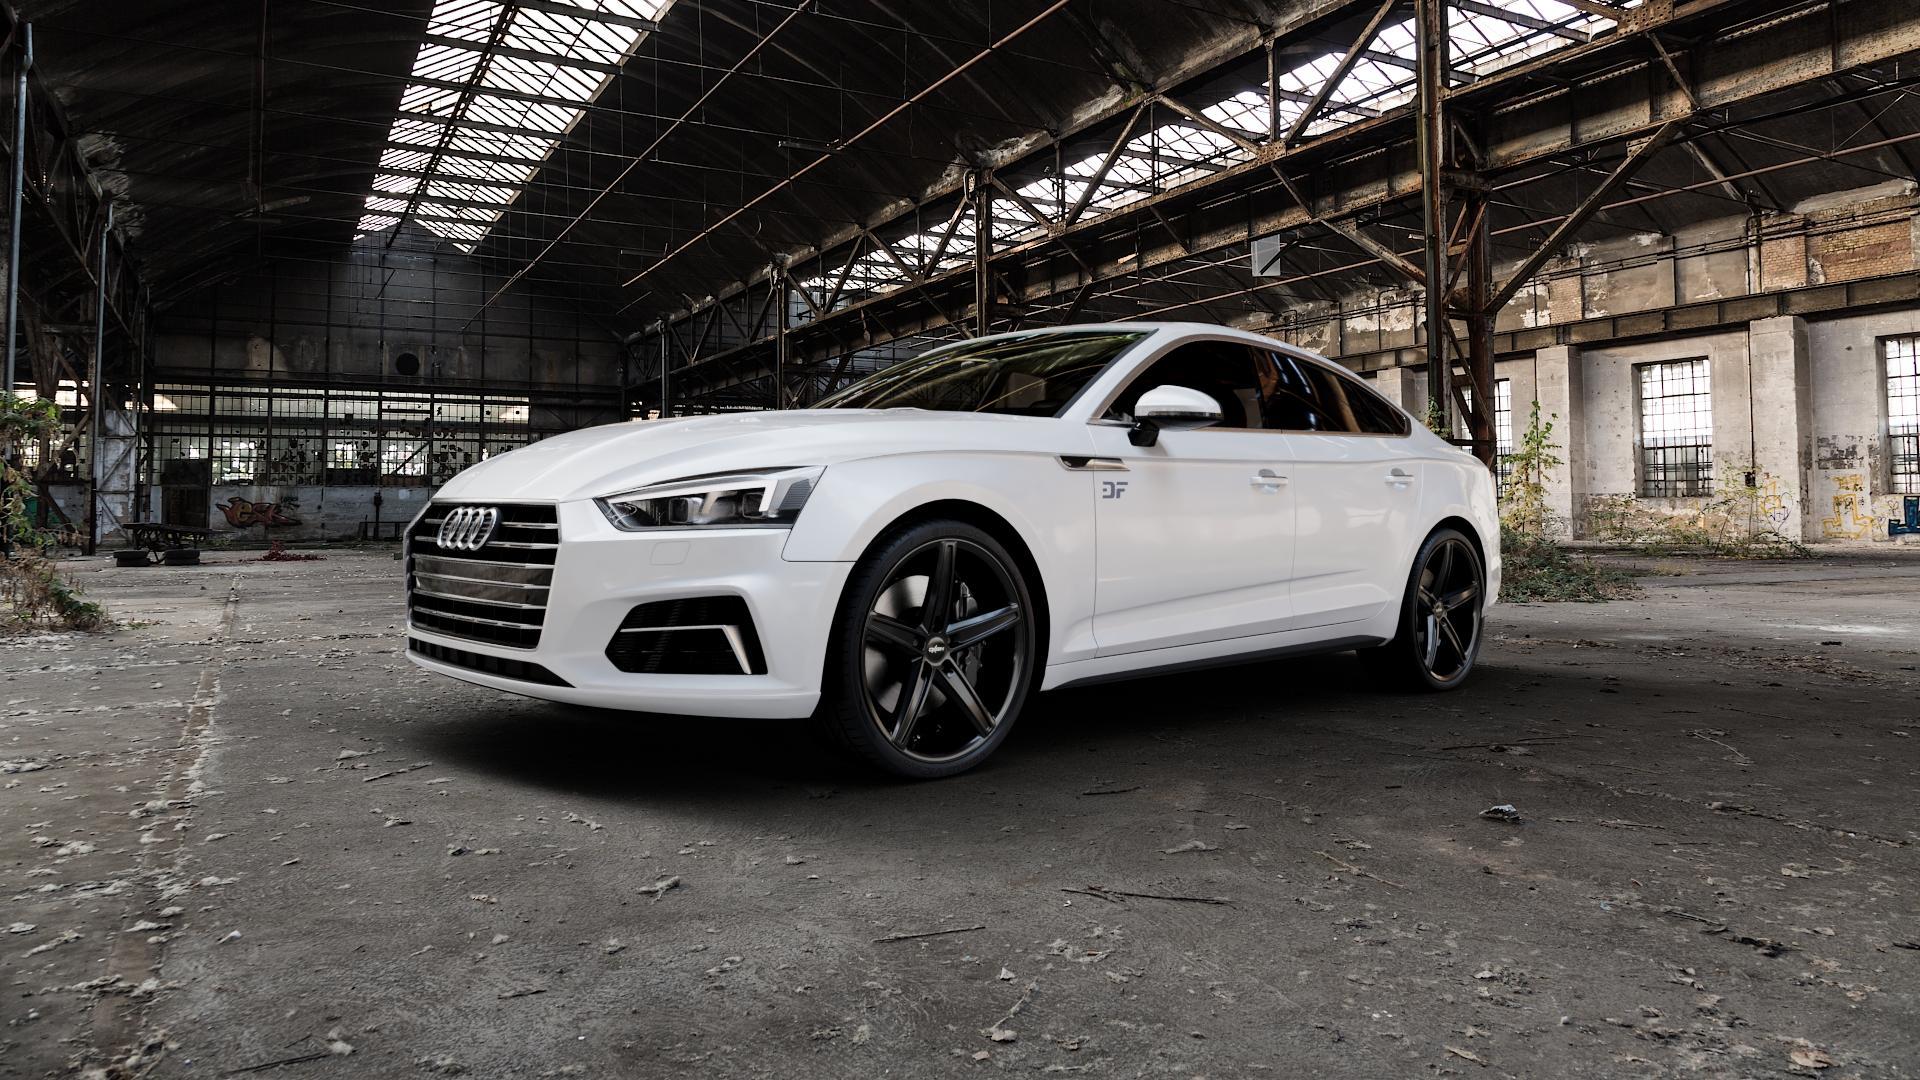 OXIGIN 18 Concave black Felge mit Reifen schwarz in 20Zoll Winterfelge Alufelge auf weissem Audi A5 Typ B9 (Sportback) 2,0l TDI 140kW (190 PS) quattro TFSI 185kW (252 3,0l 160kW (218 200kW (272 1,4l 110kW (150 183kW (249 g-tron 125kW (170 Mild-Hybrid 100kW (136 210kW (286 45 180kW (245 35 40 50 170kW (231 120kW (163 30 ⬇️ mit 15mm Ti